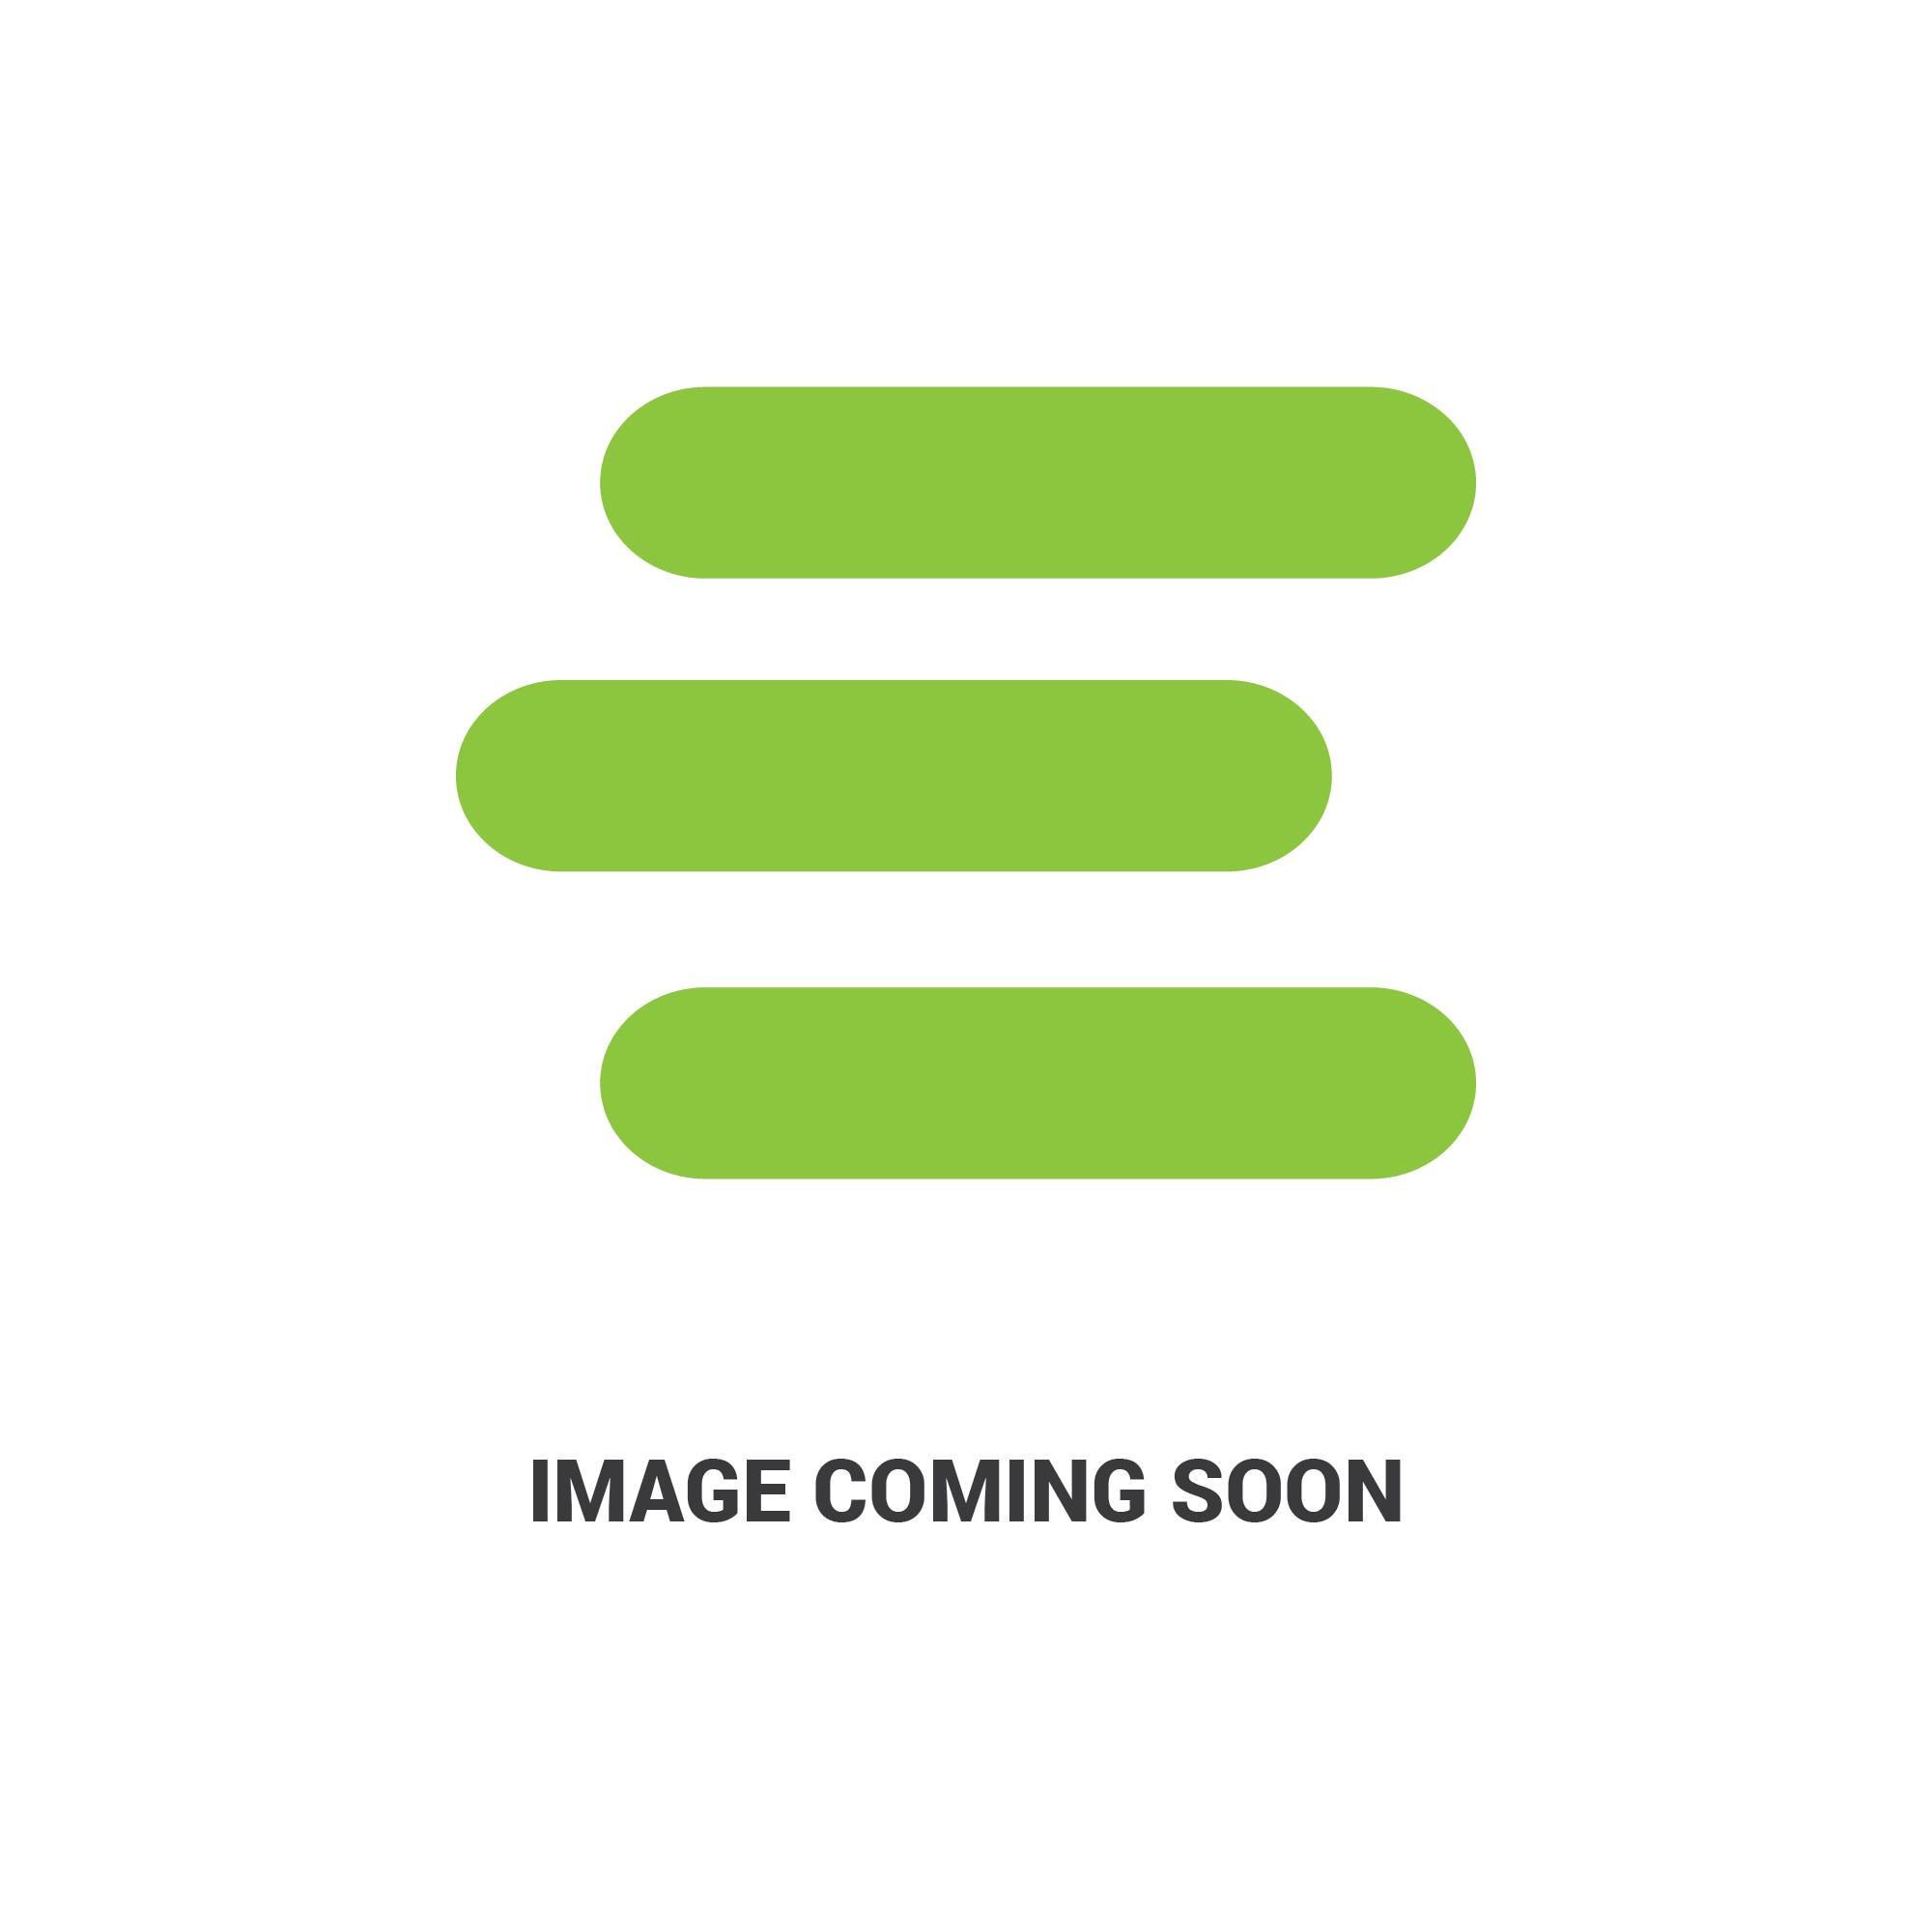 E-SU463852294_1 .jpg